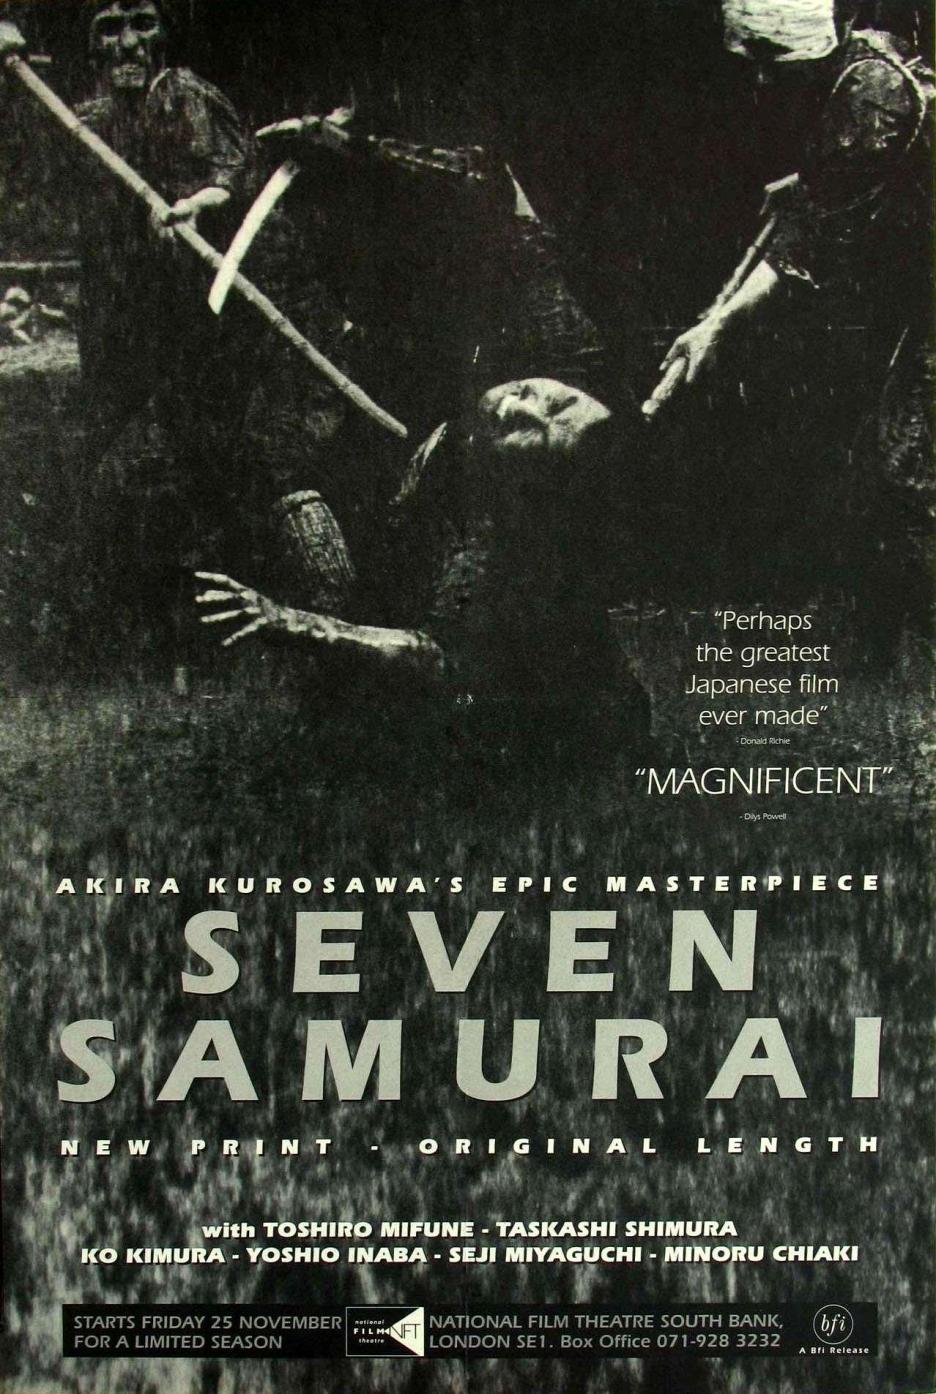 936full-seven-samurai-poster.jpg